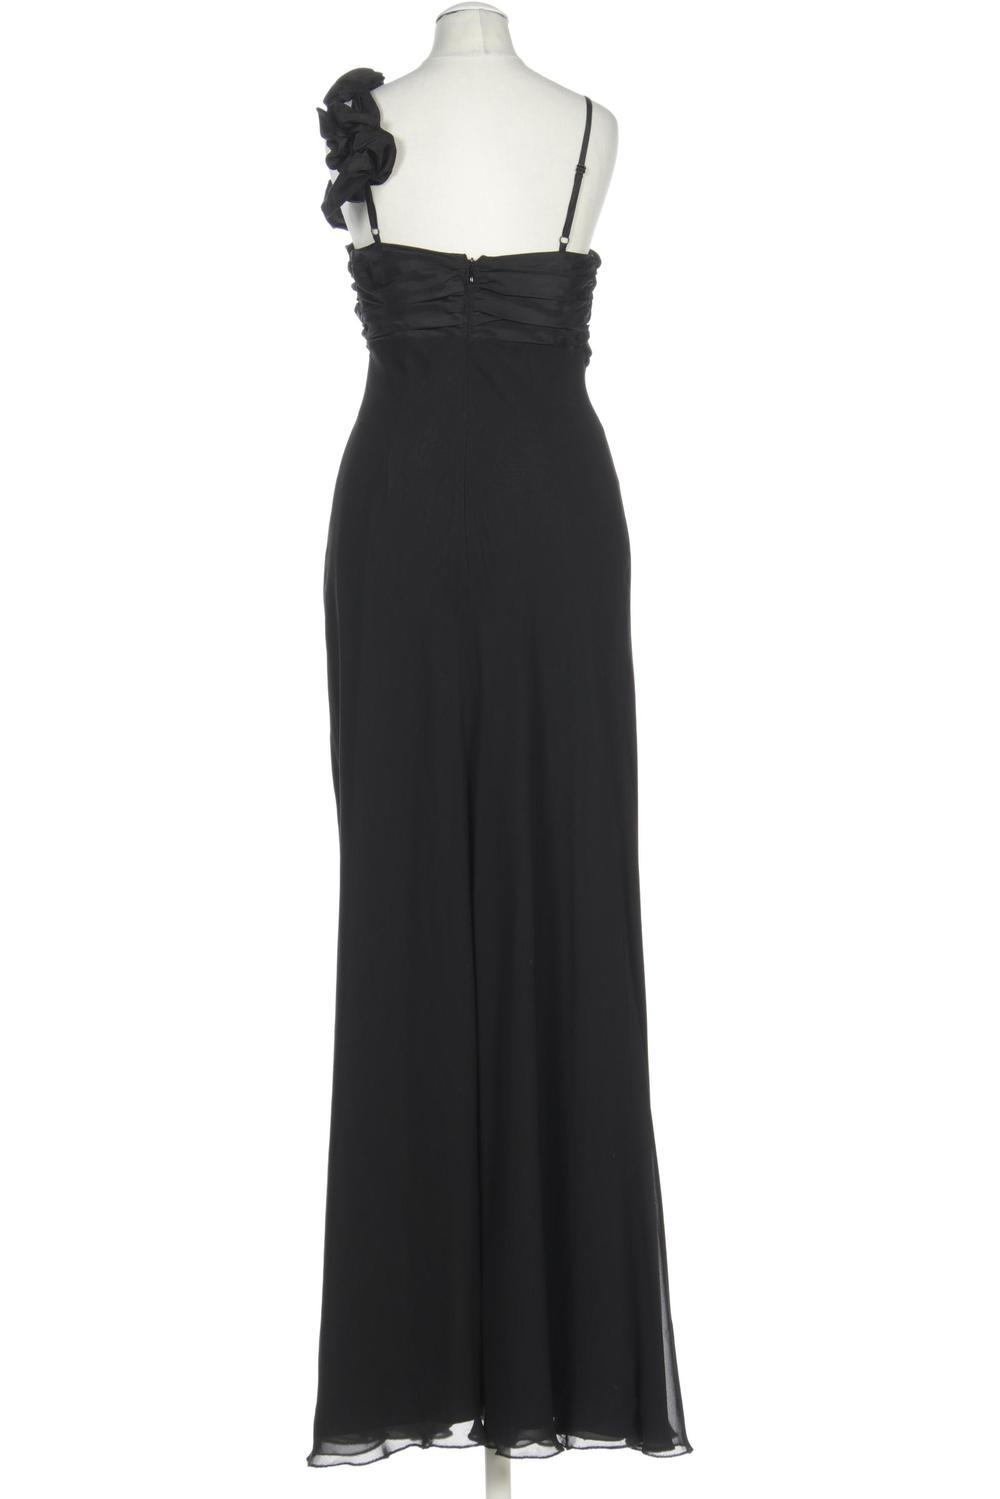 ZERO Damen Kleid DE 34 Second Hand kaufen | ubup